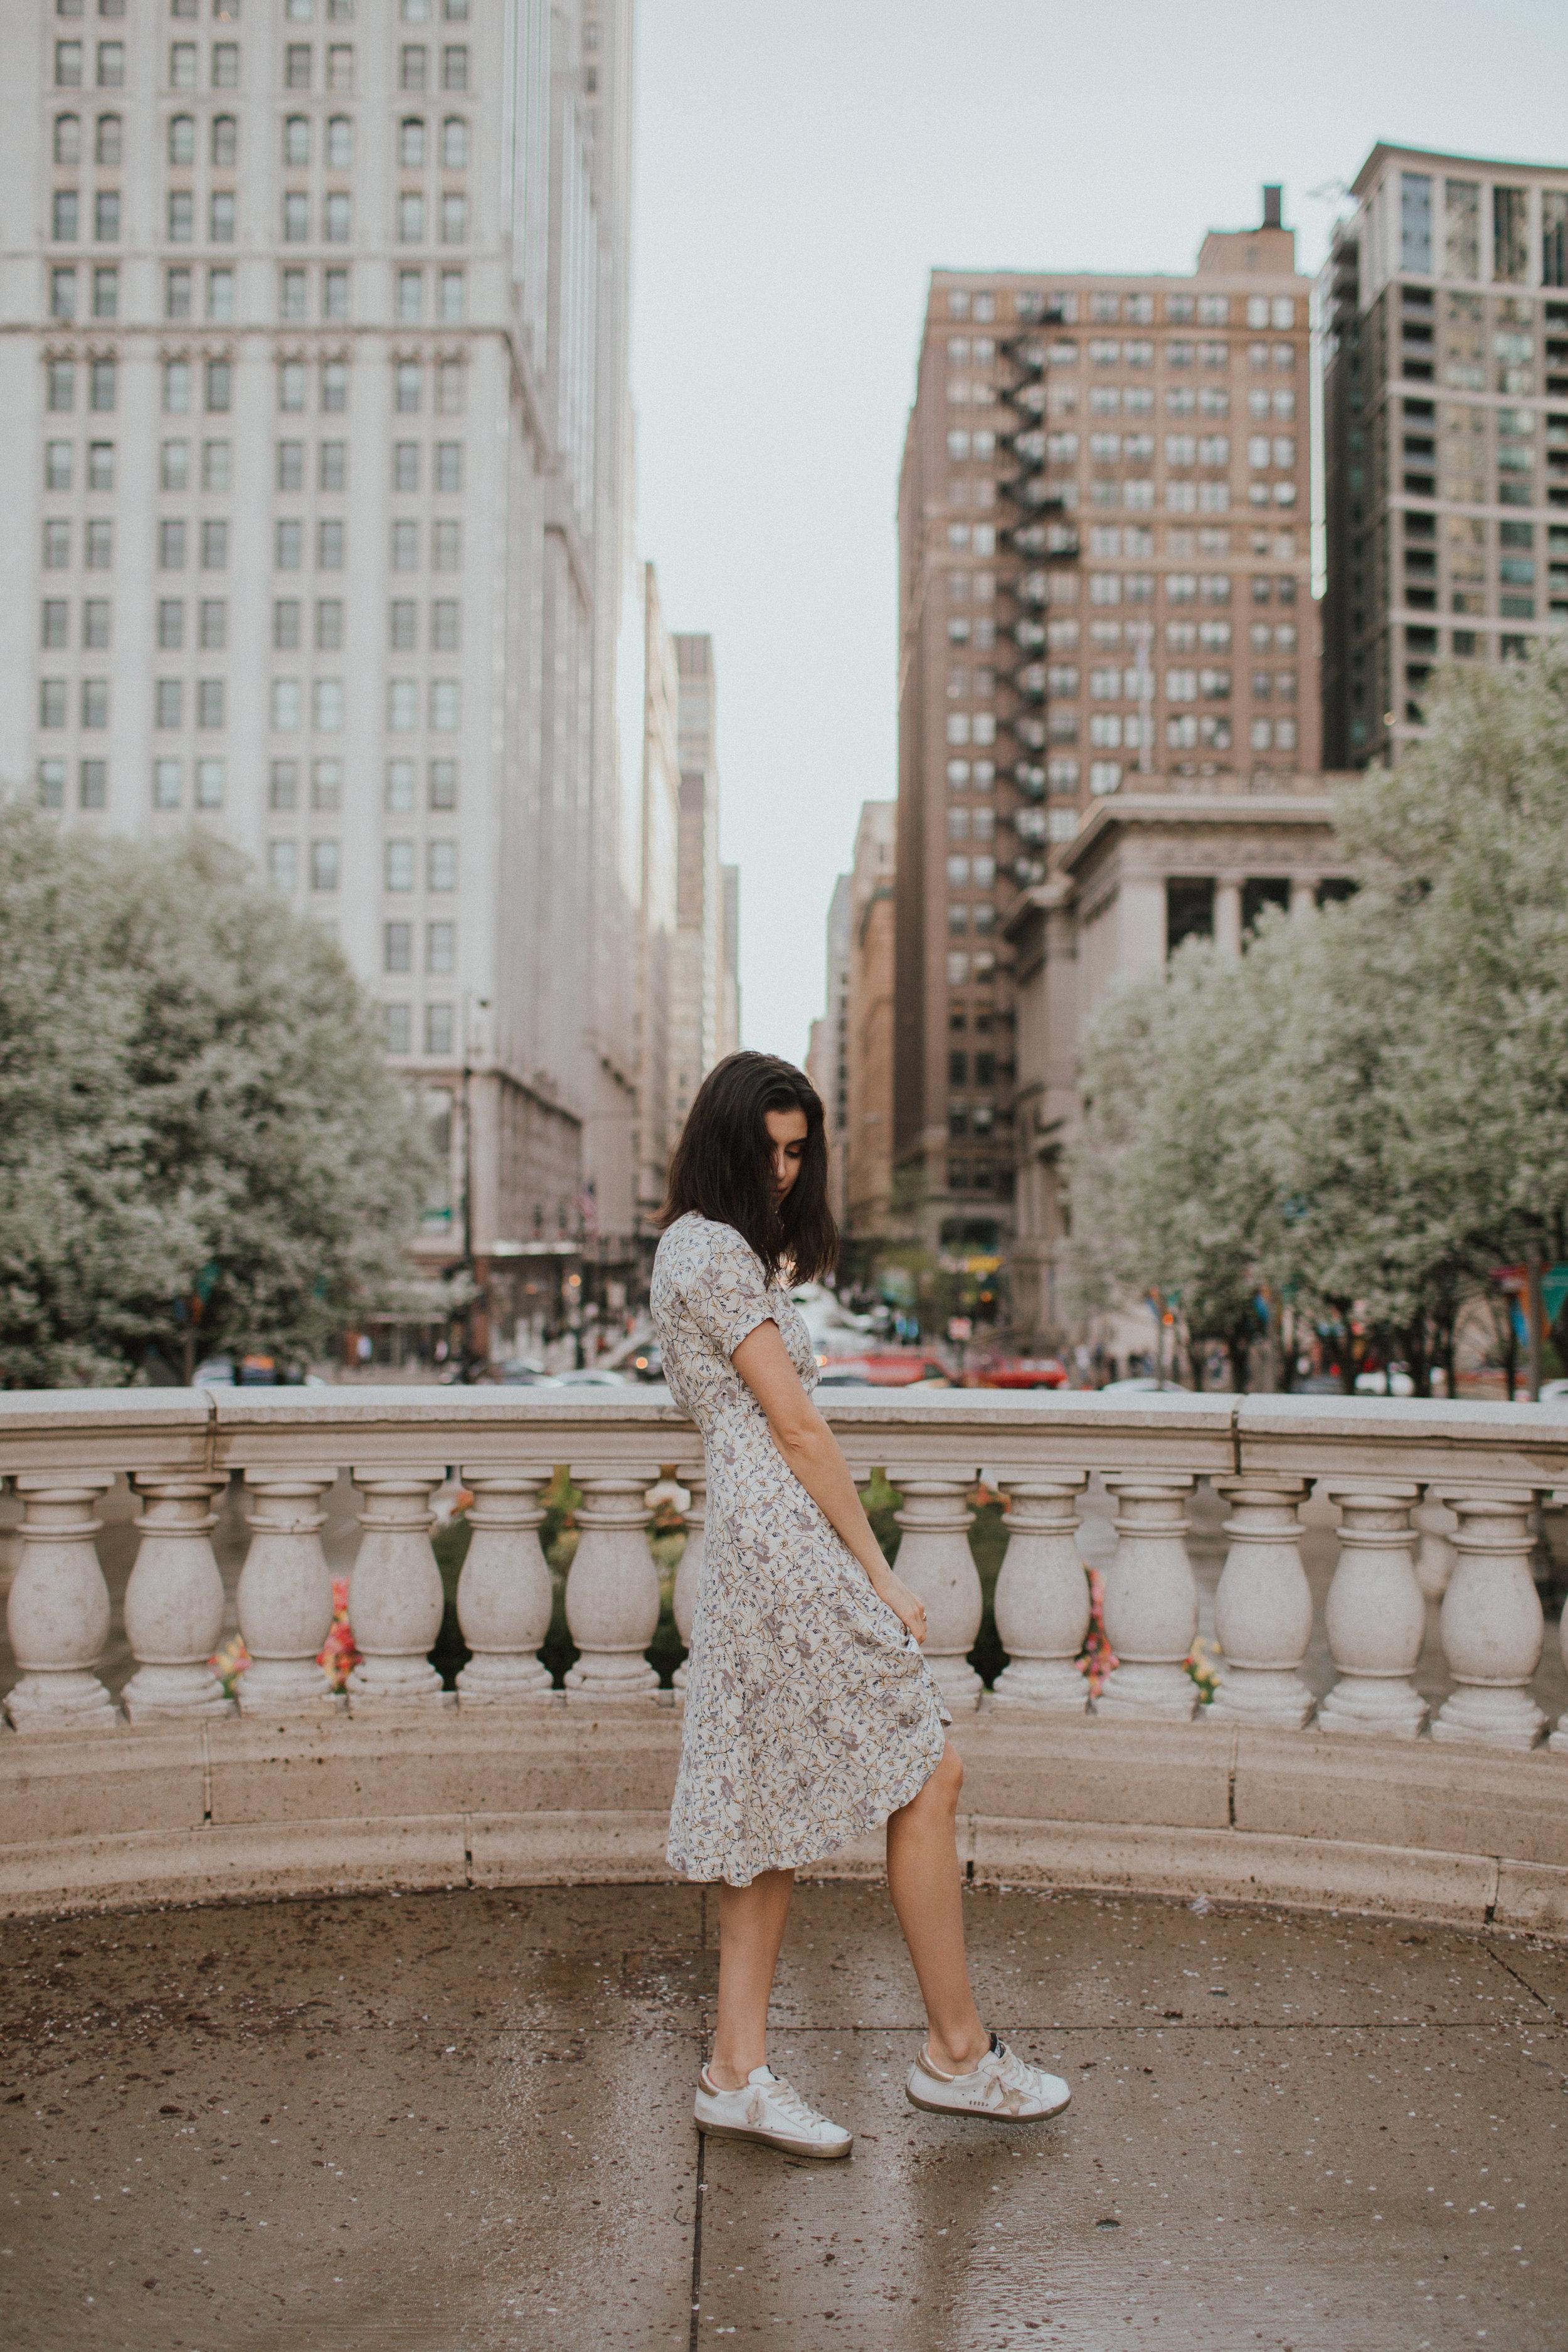 Sara_Spring-41.jpg